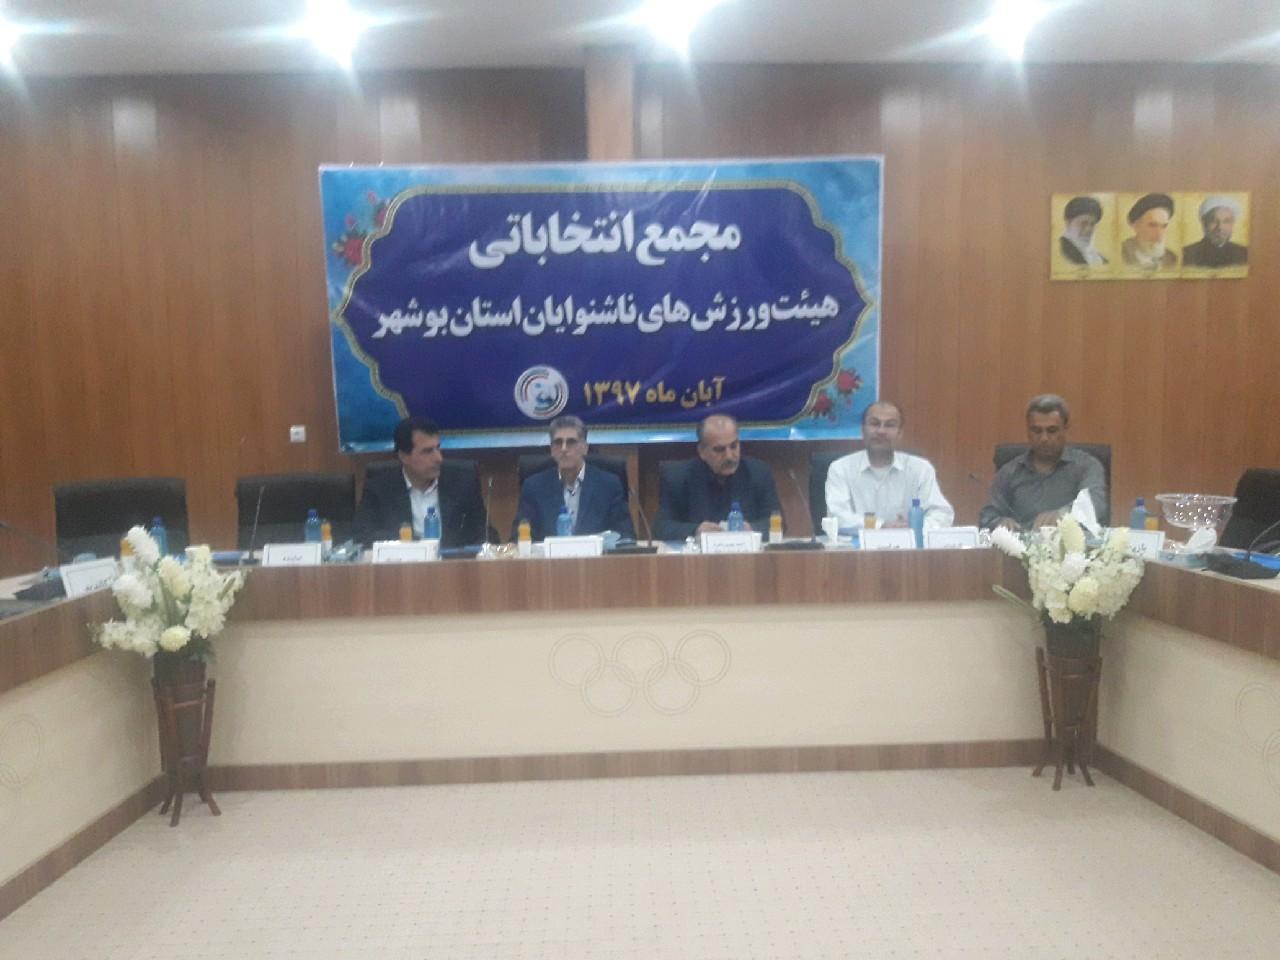 ضرورت تلاش استانها برای عضویت ورزشکاران در تیم ملی ناشنوایان